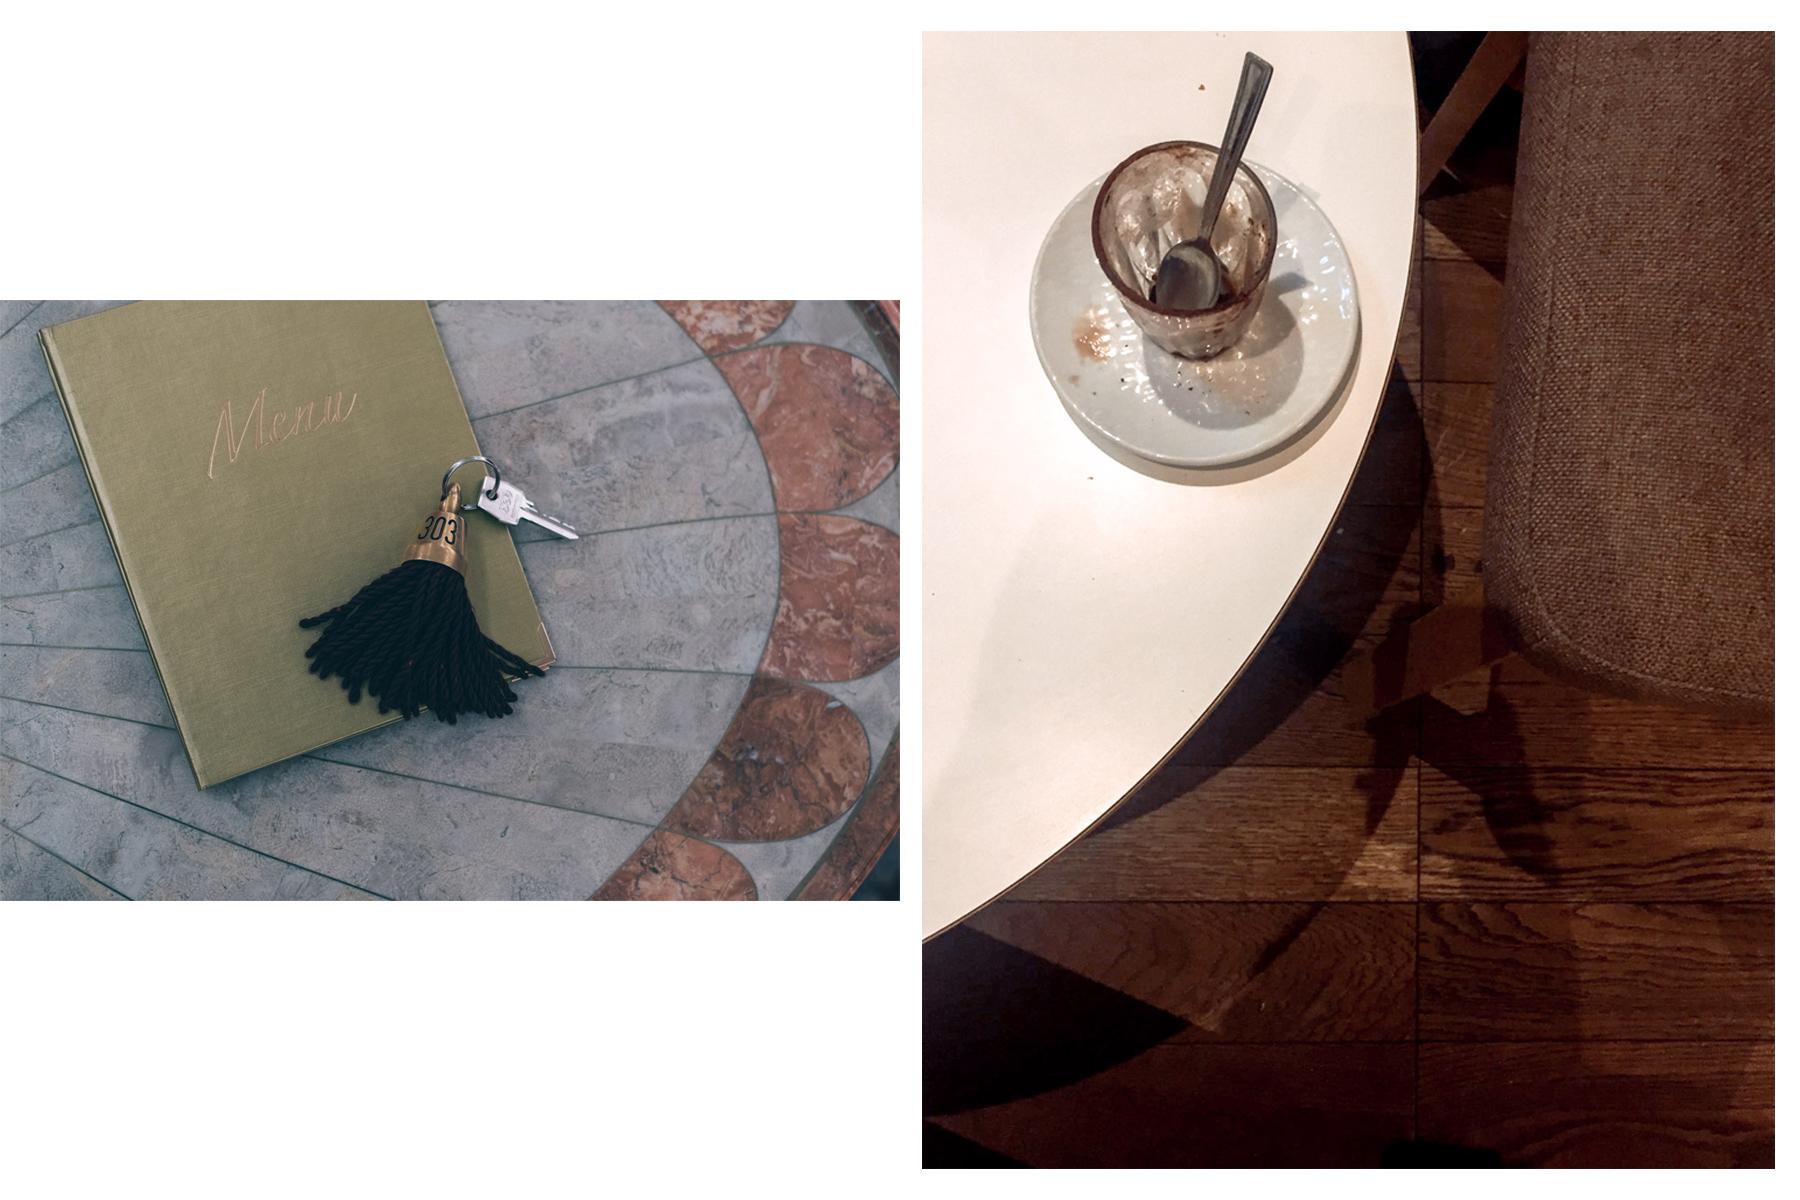 Hotel room key in Trieste and a coffee on a white table - Chiave di stanza di albergo a Trieste e caffè su un tavolo bianco